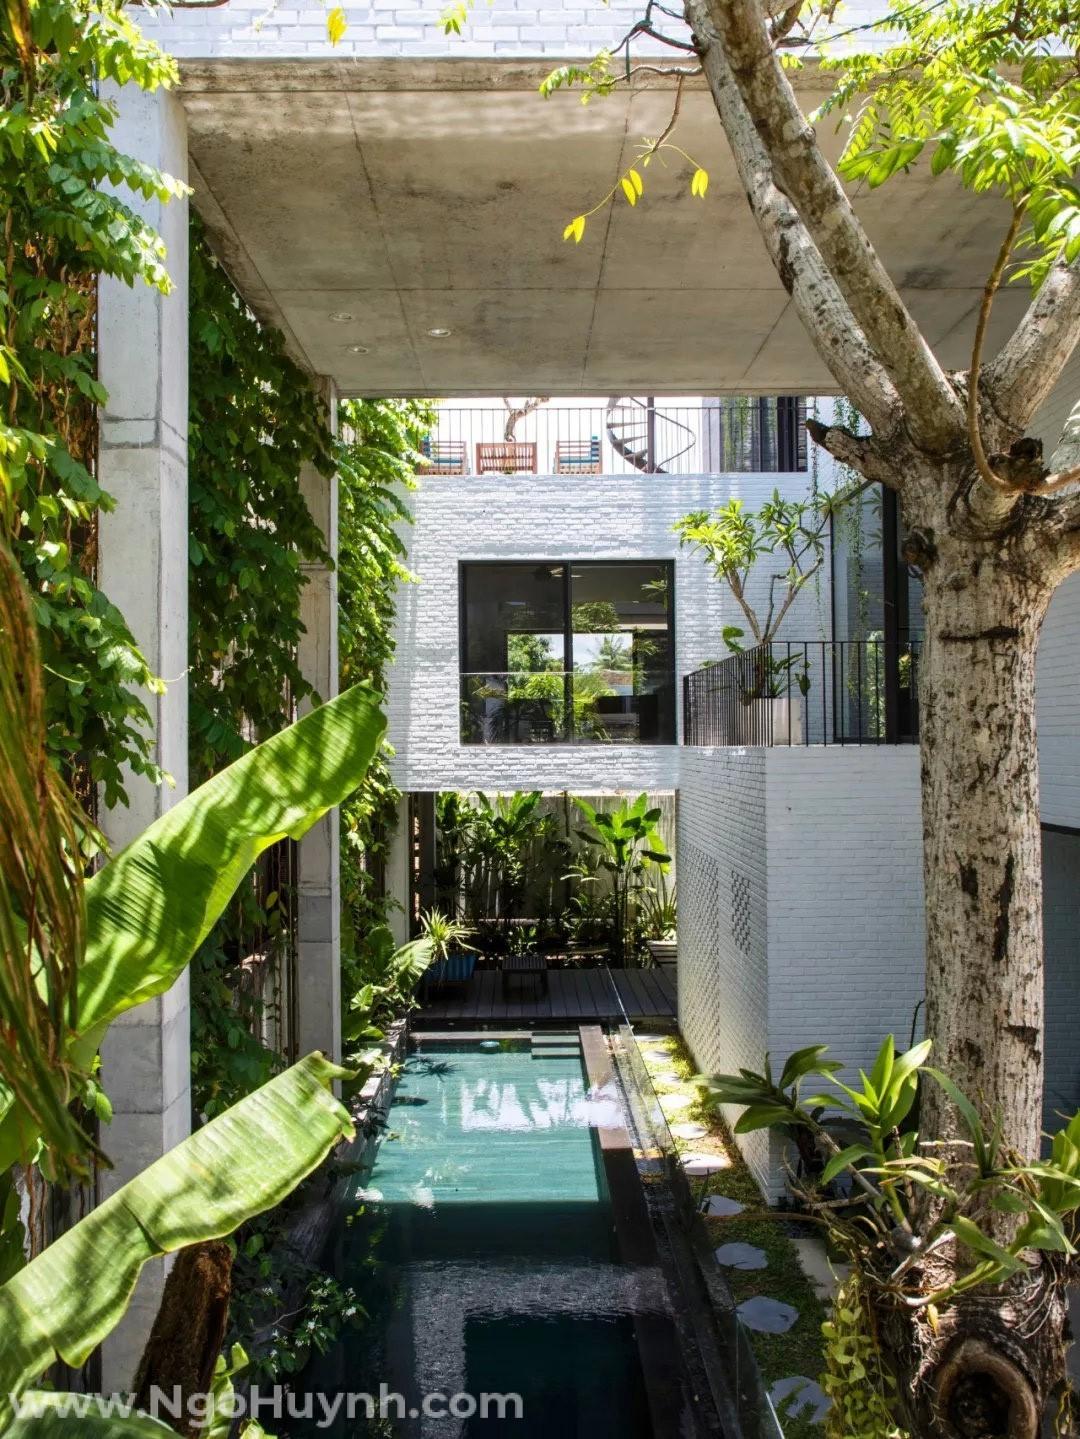 Một ngôi nhà được thiết kế thông gió tự nhiên sẽ tạo nên một môi trường có không khí trong lành và thoáng mát hơn